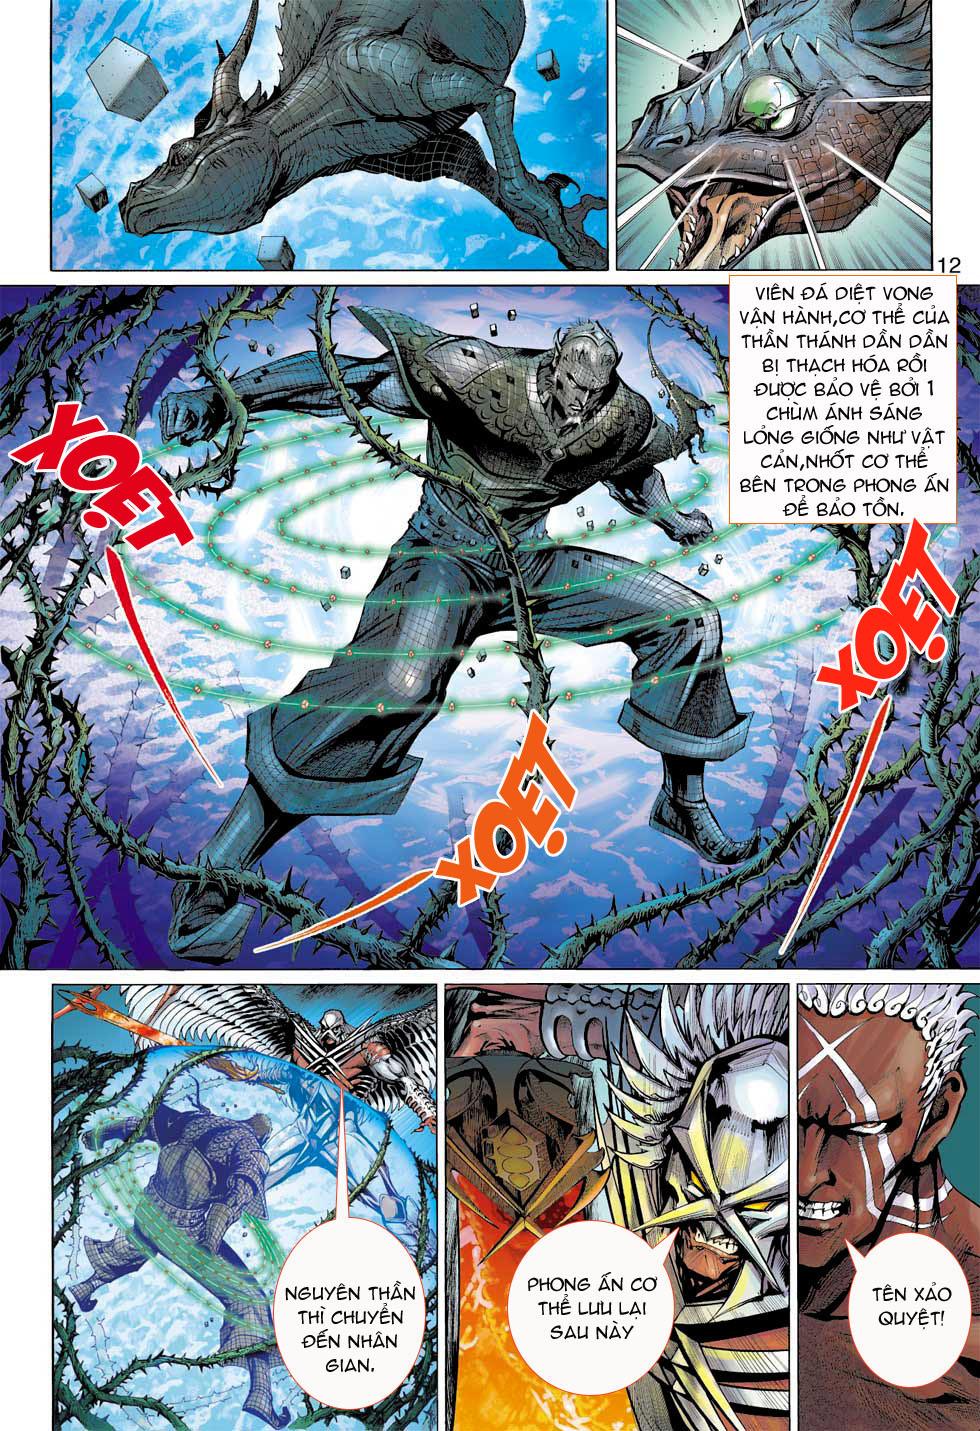 Thần Binh 4 chap 7 - Trang 12